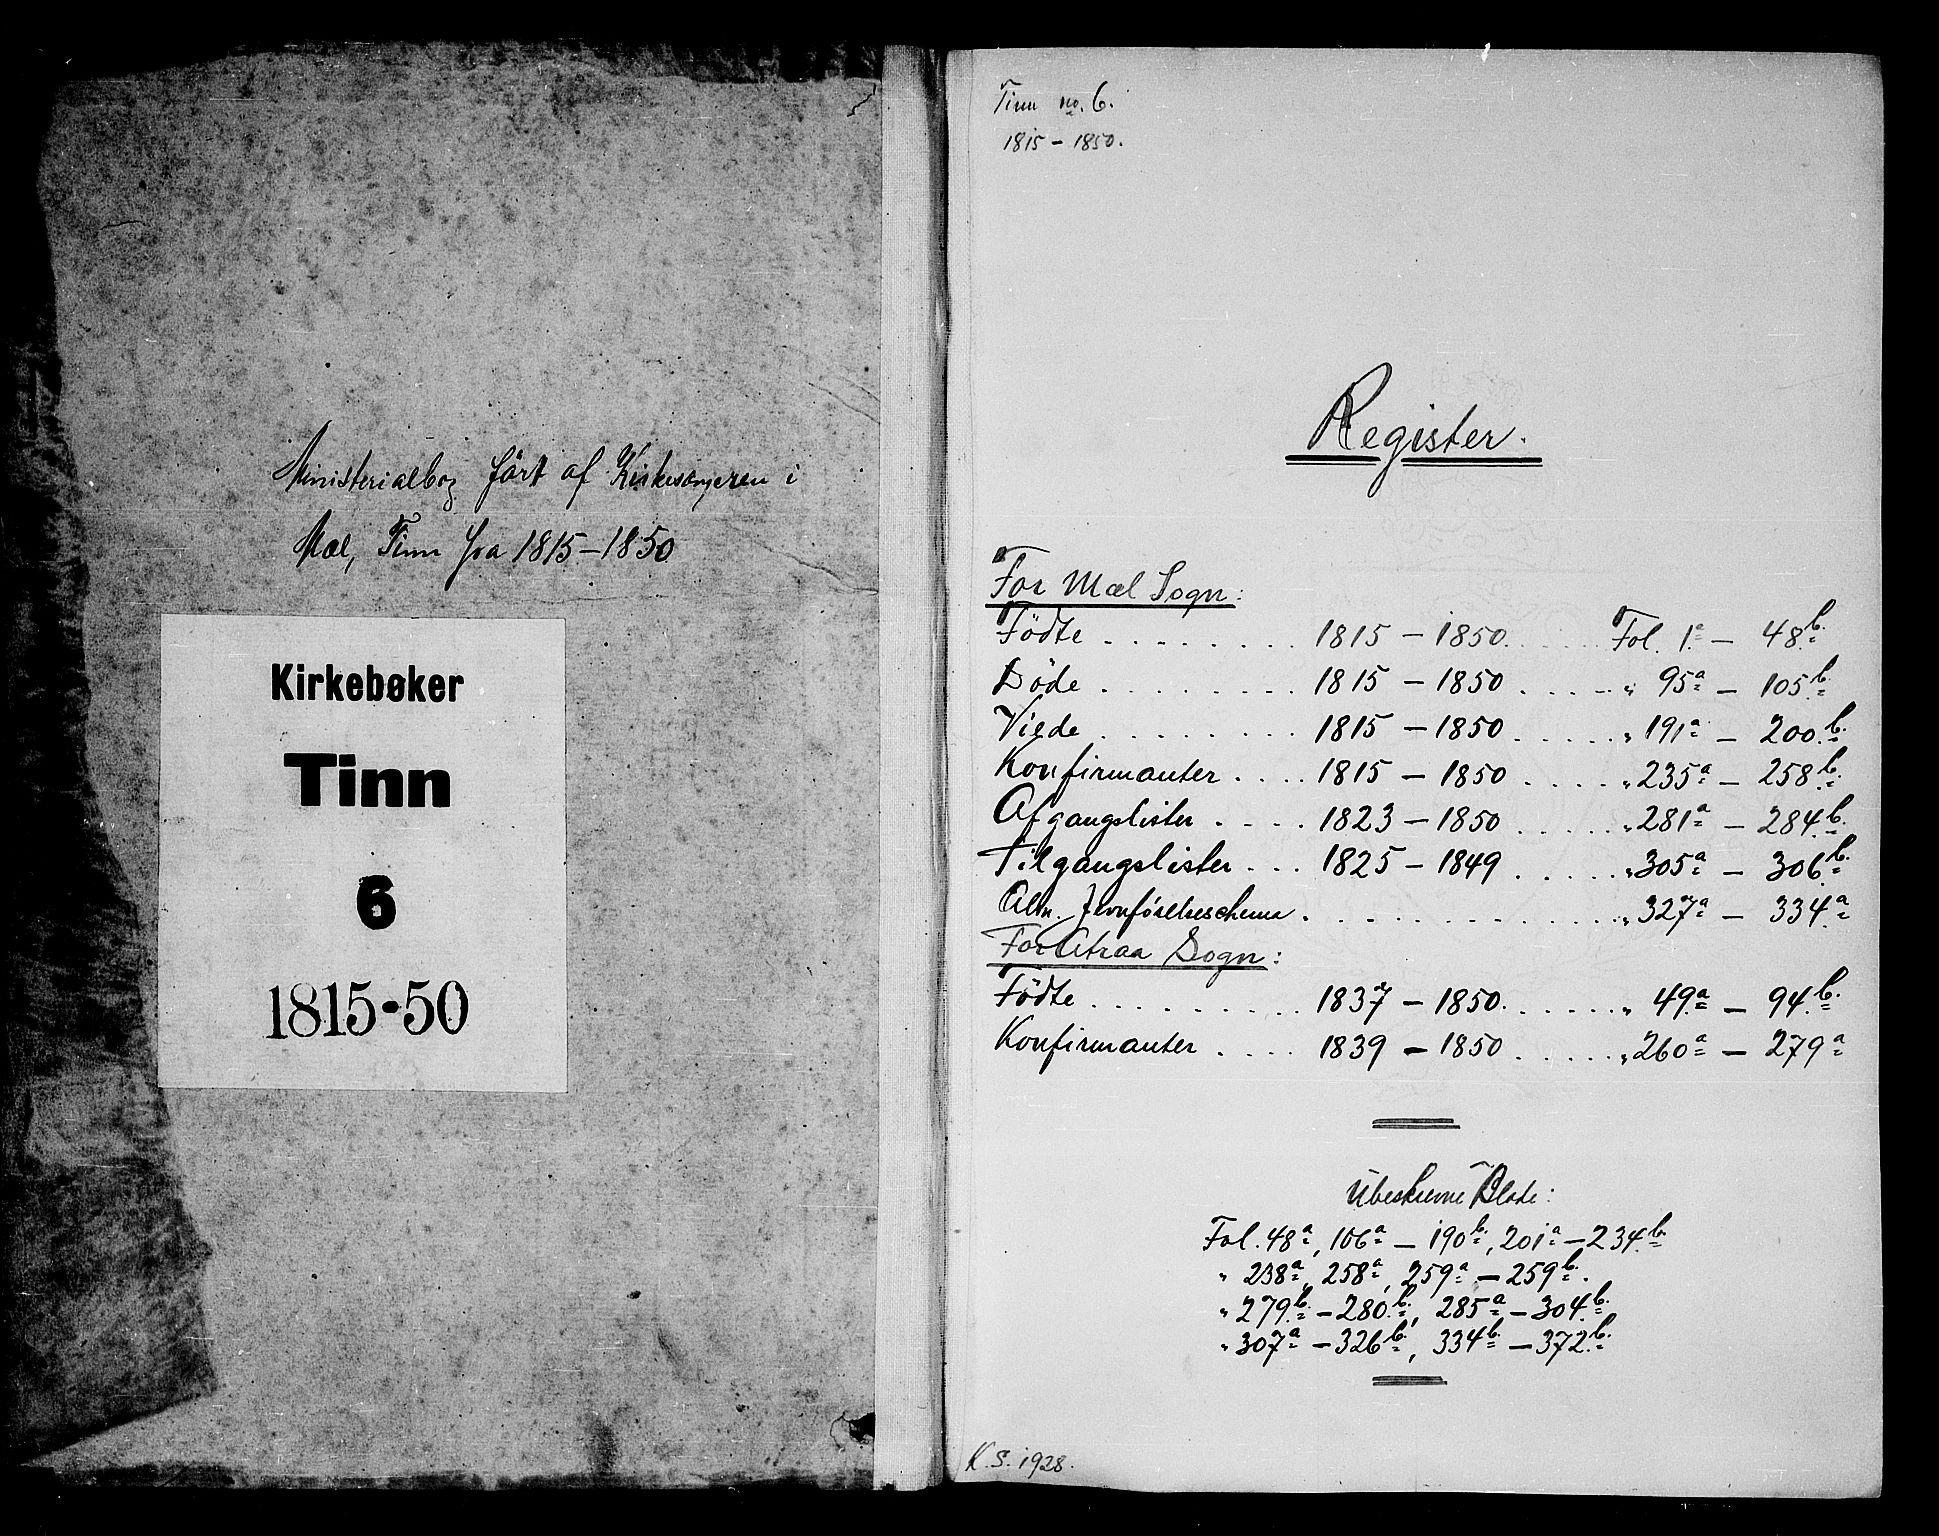 SAKO, Tinn kirkebøker, G/Gb/L0001: Klokkerbok nr. II 1 /1, 1815-1850